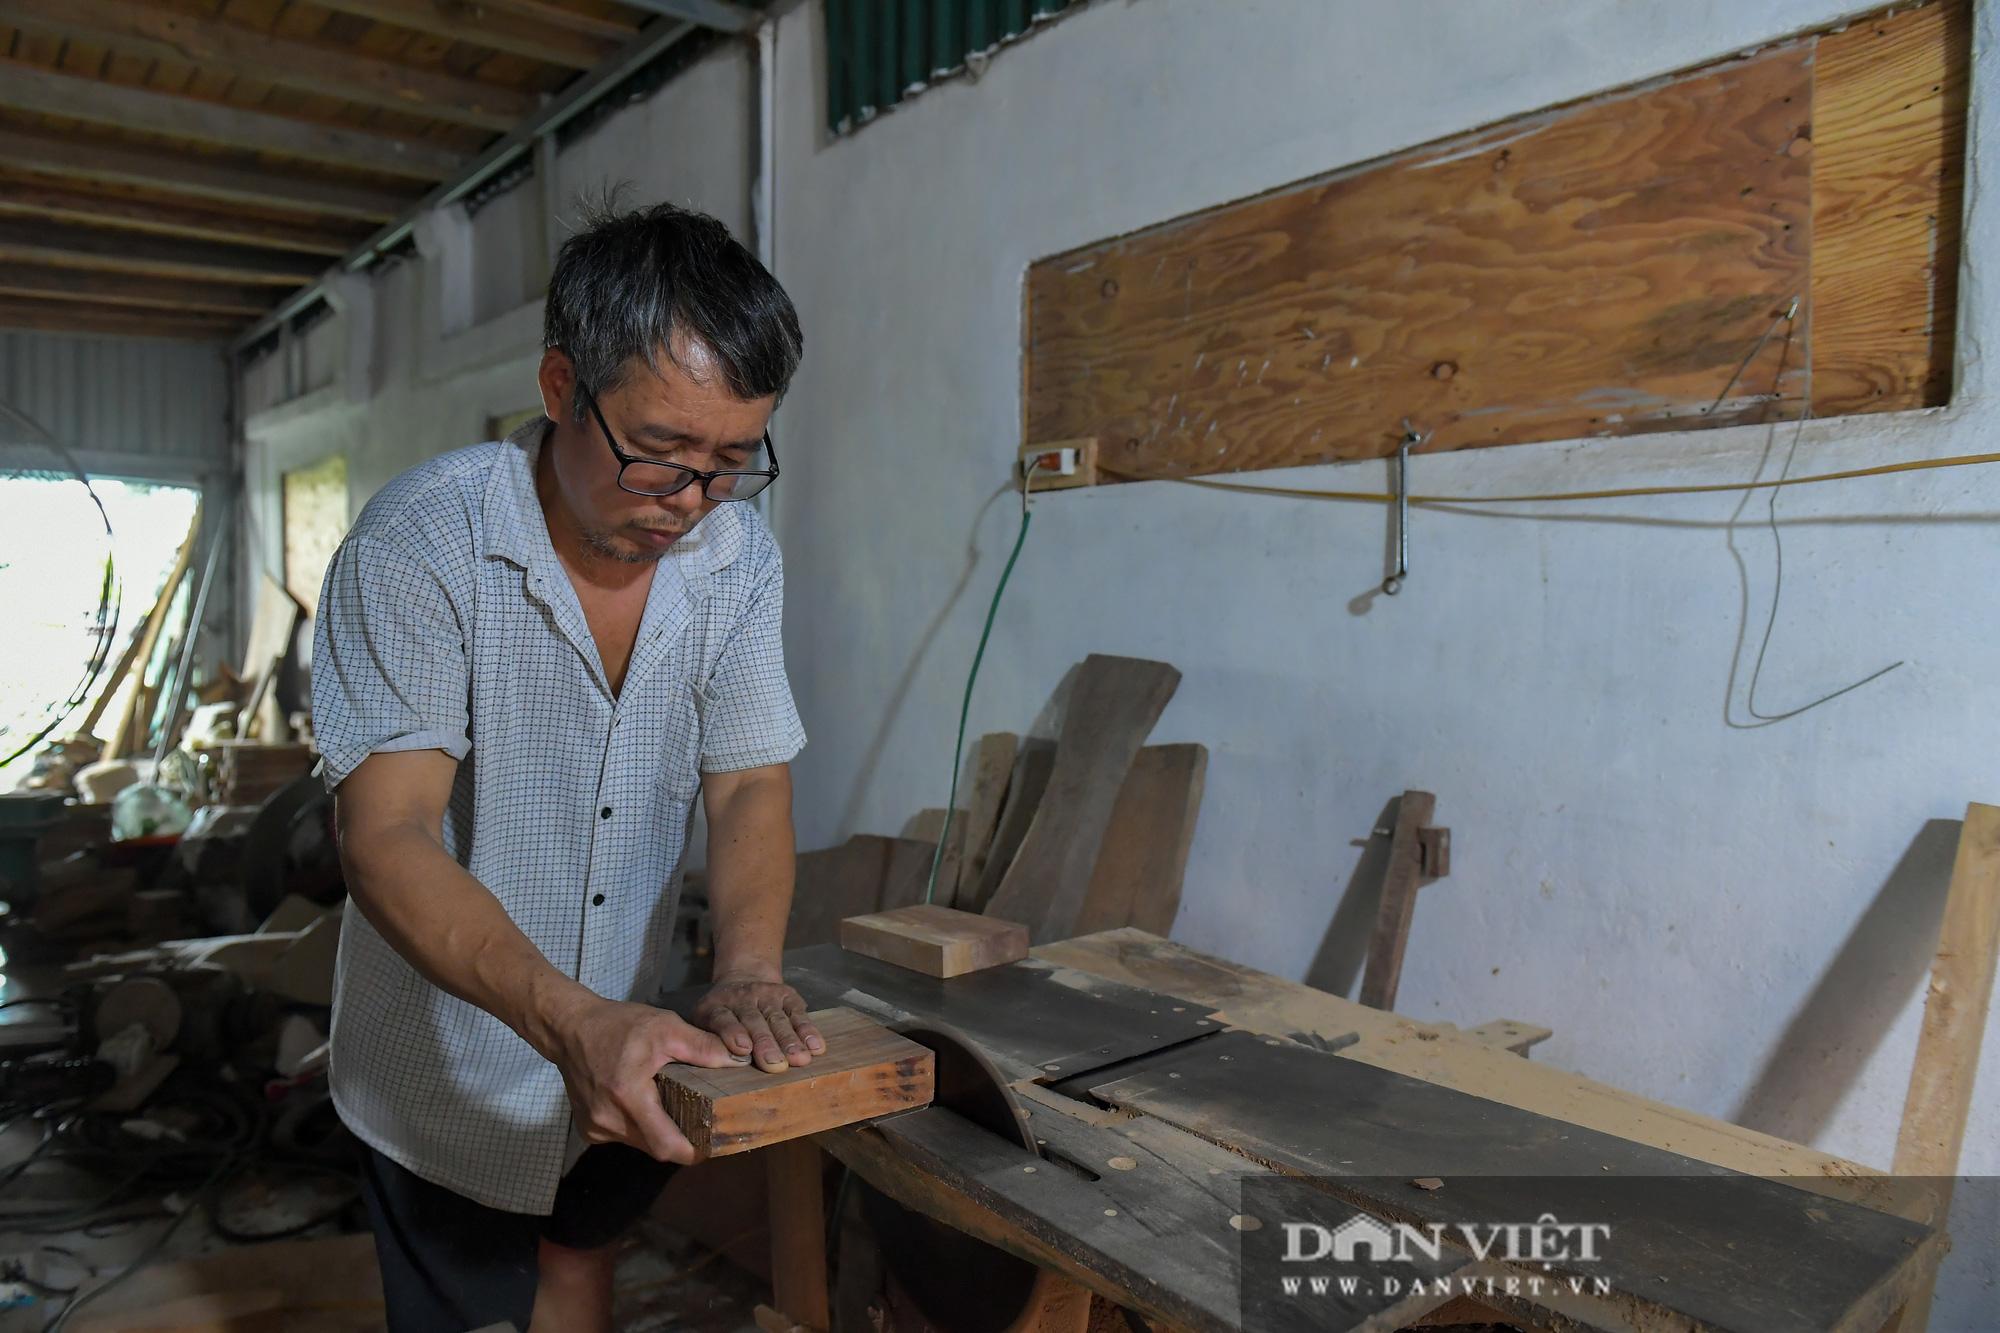 Chiêm ngưỡng kỹ năng điêu luyện của người đàn ông 40 năm làm khuôn bánh trung thu - Ảnh 2.